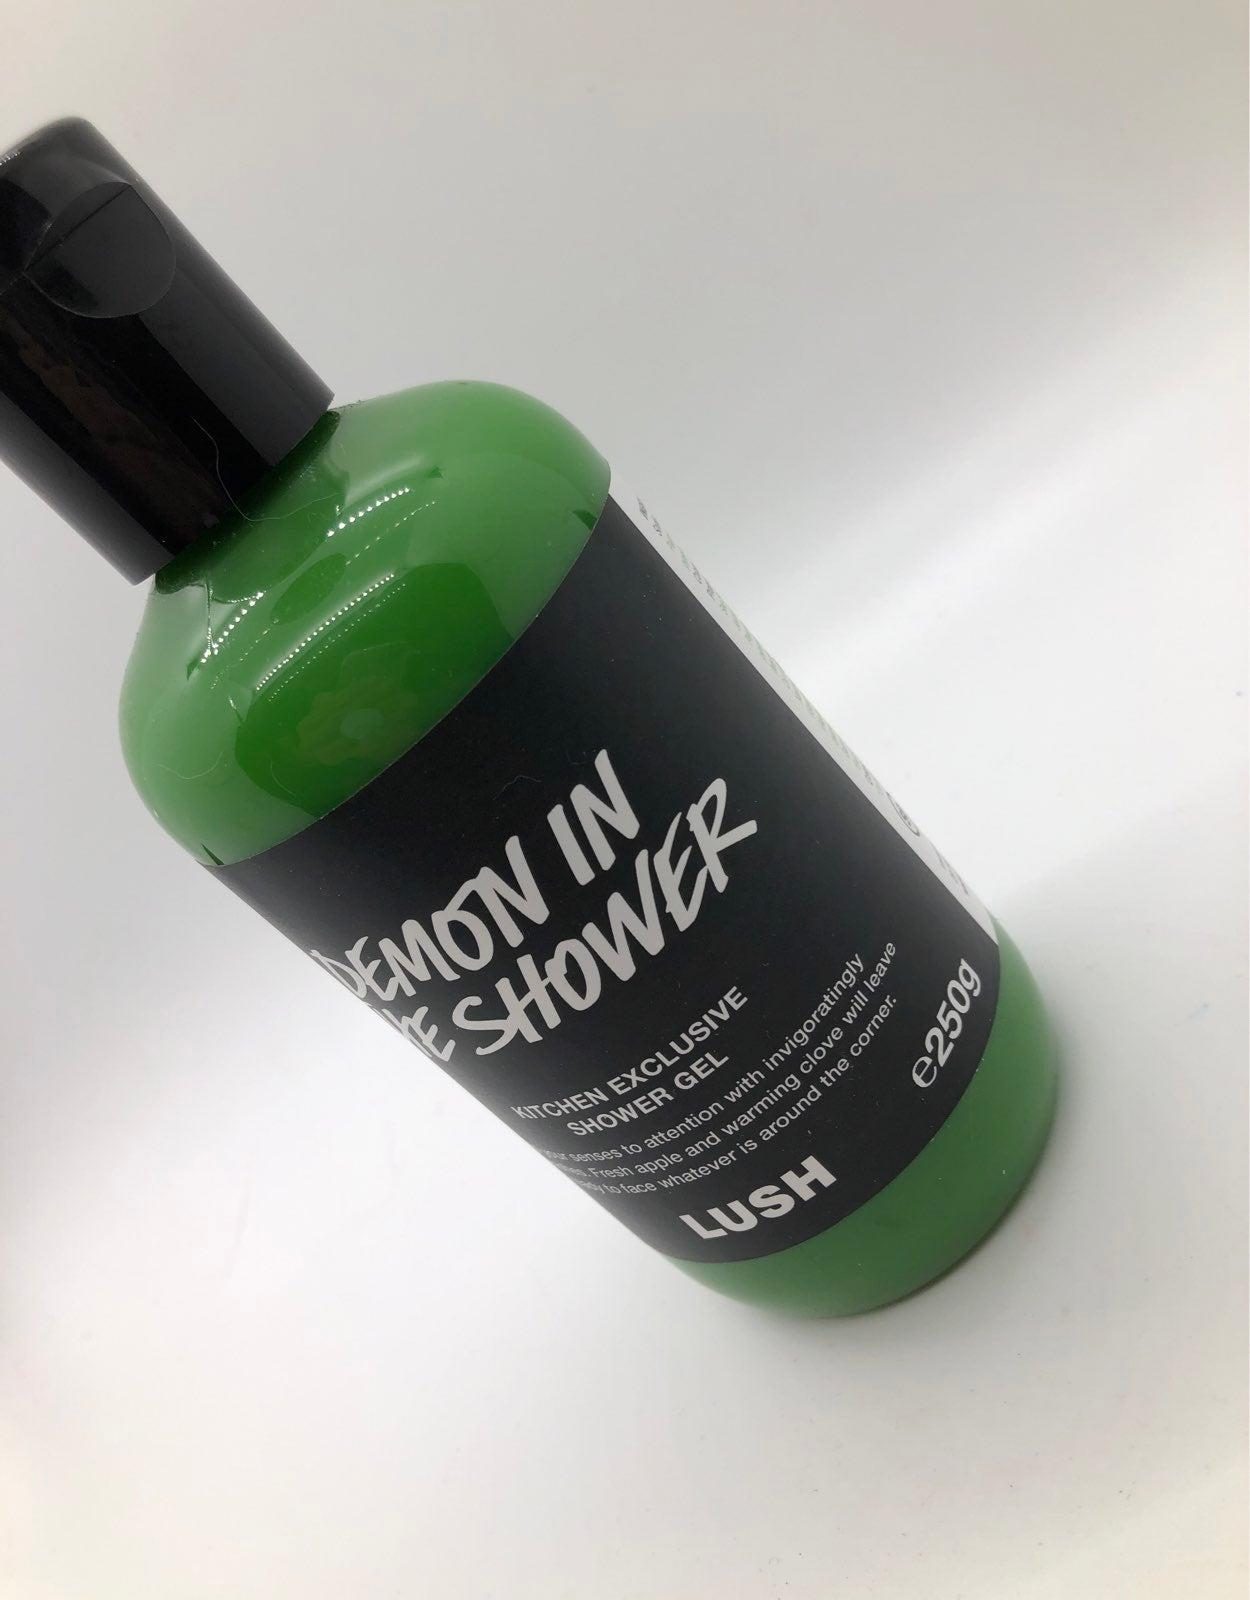 Lush demon in the shower dark shower gel